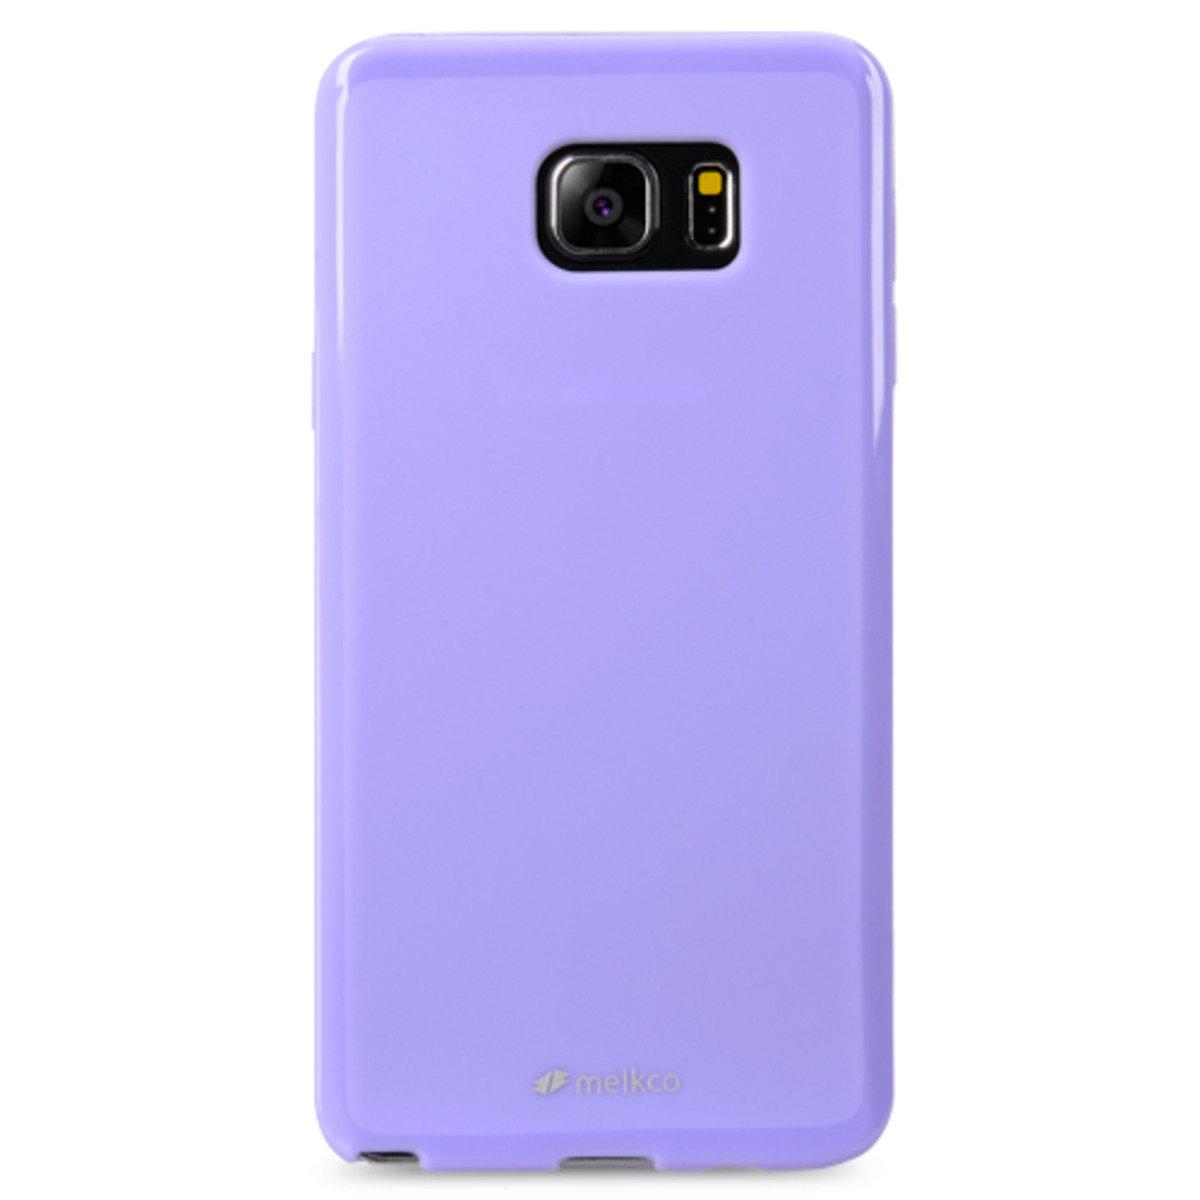 Galaxy Note 5 Poly Jacket手機保護殼 - 珍珠紫色(附送屏幕保護貼)